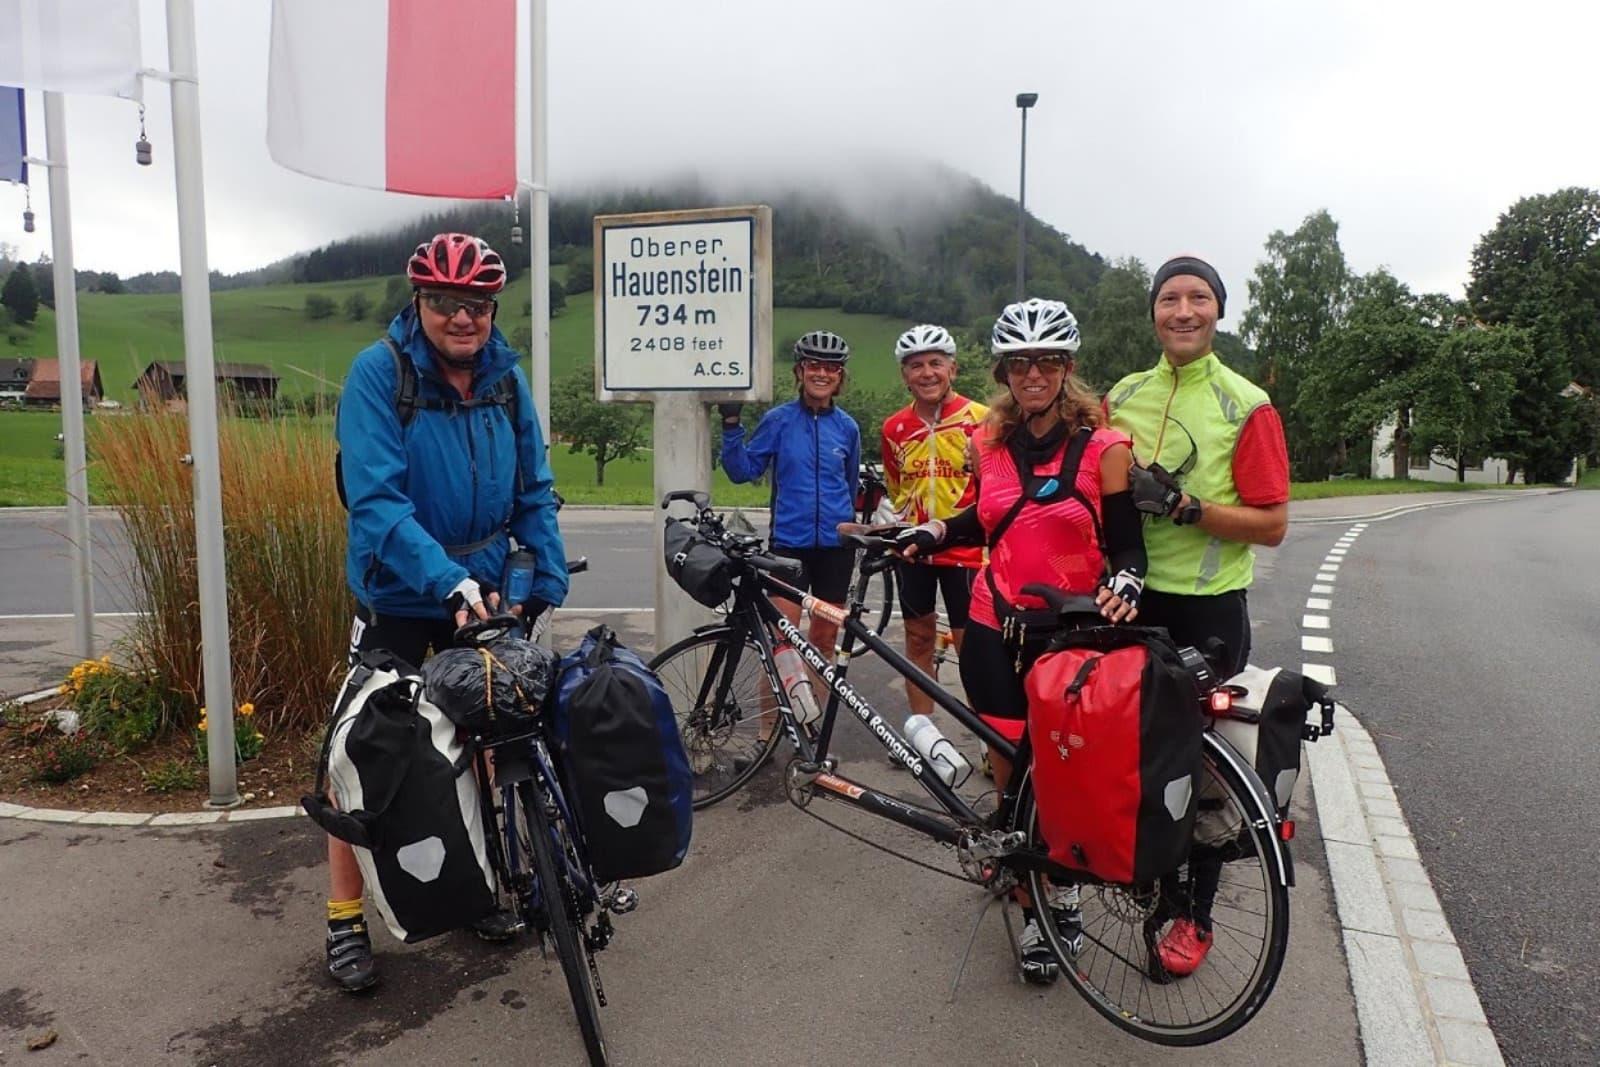 au sommet du Col du Hauenstein